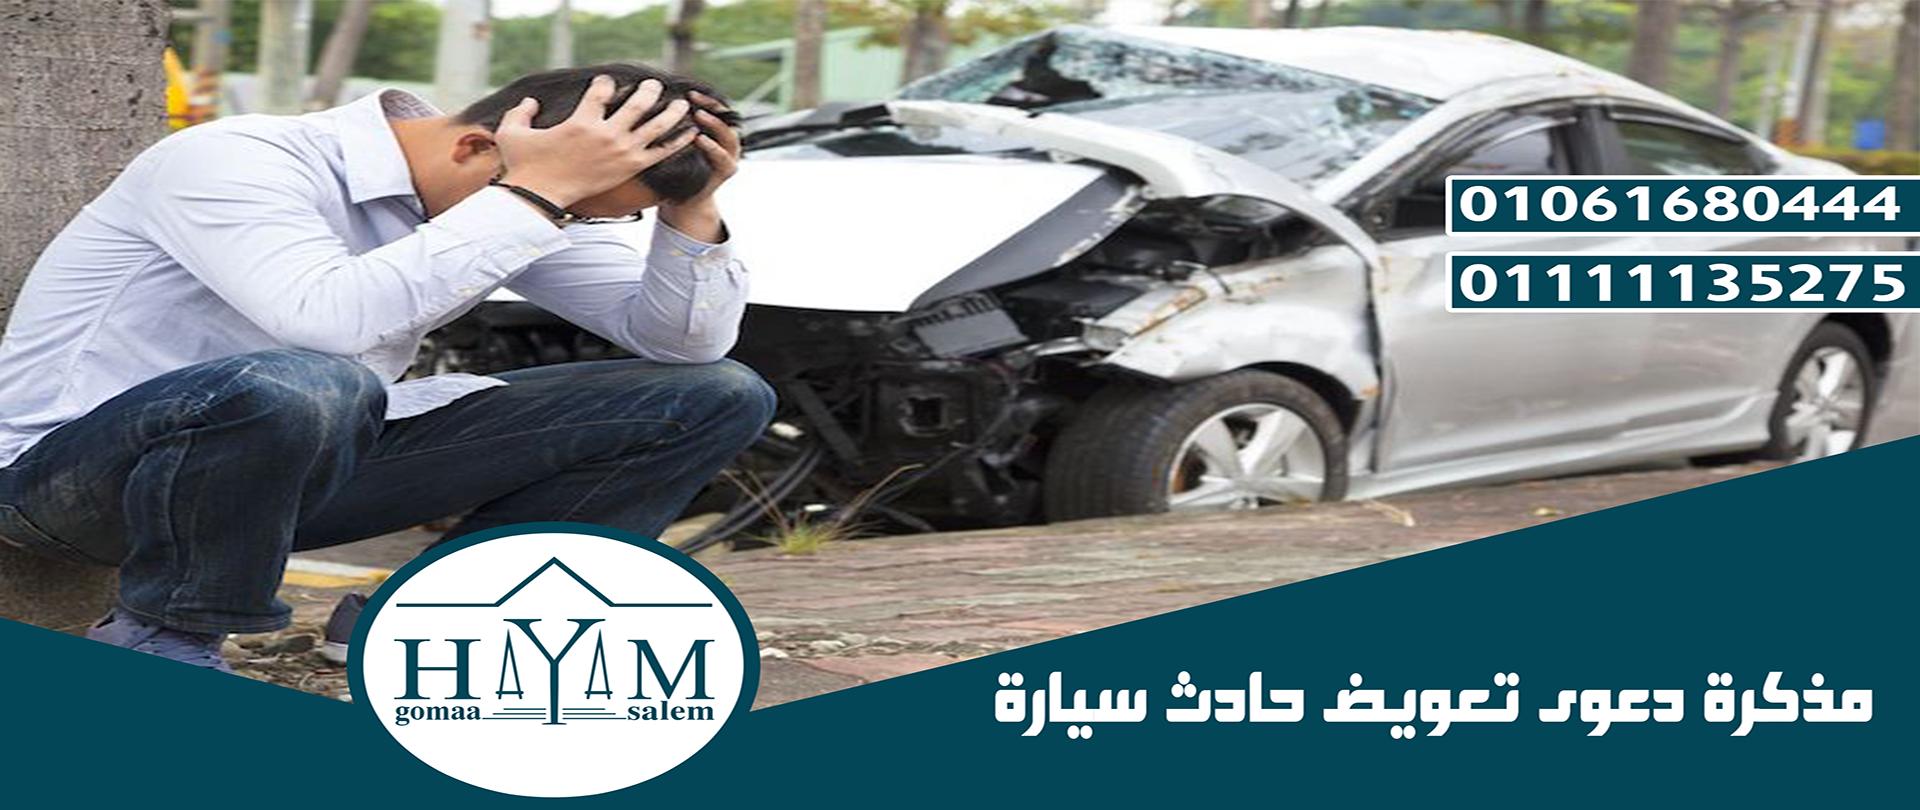 مذكرة-دعوى-تعويض-حادث-سيارة-copy-1